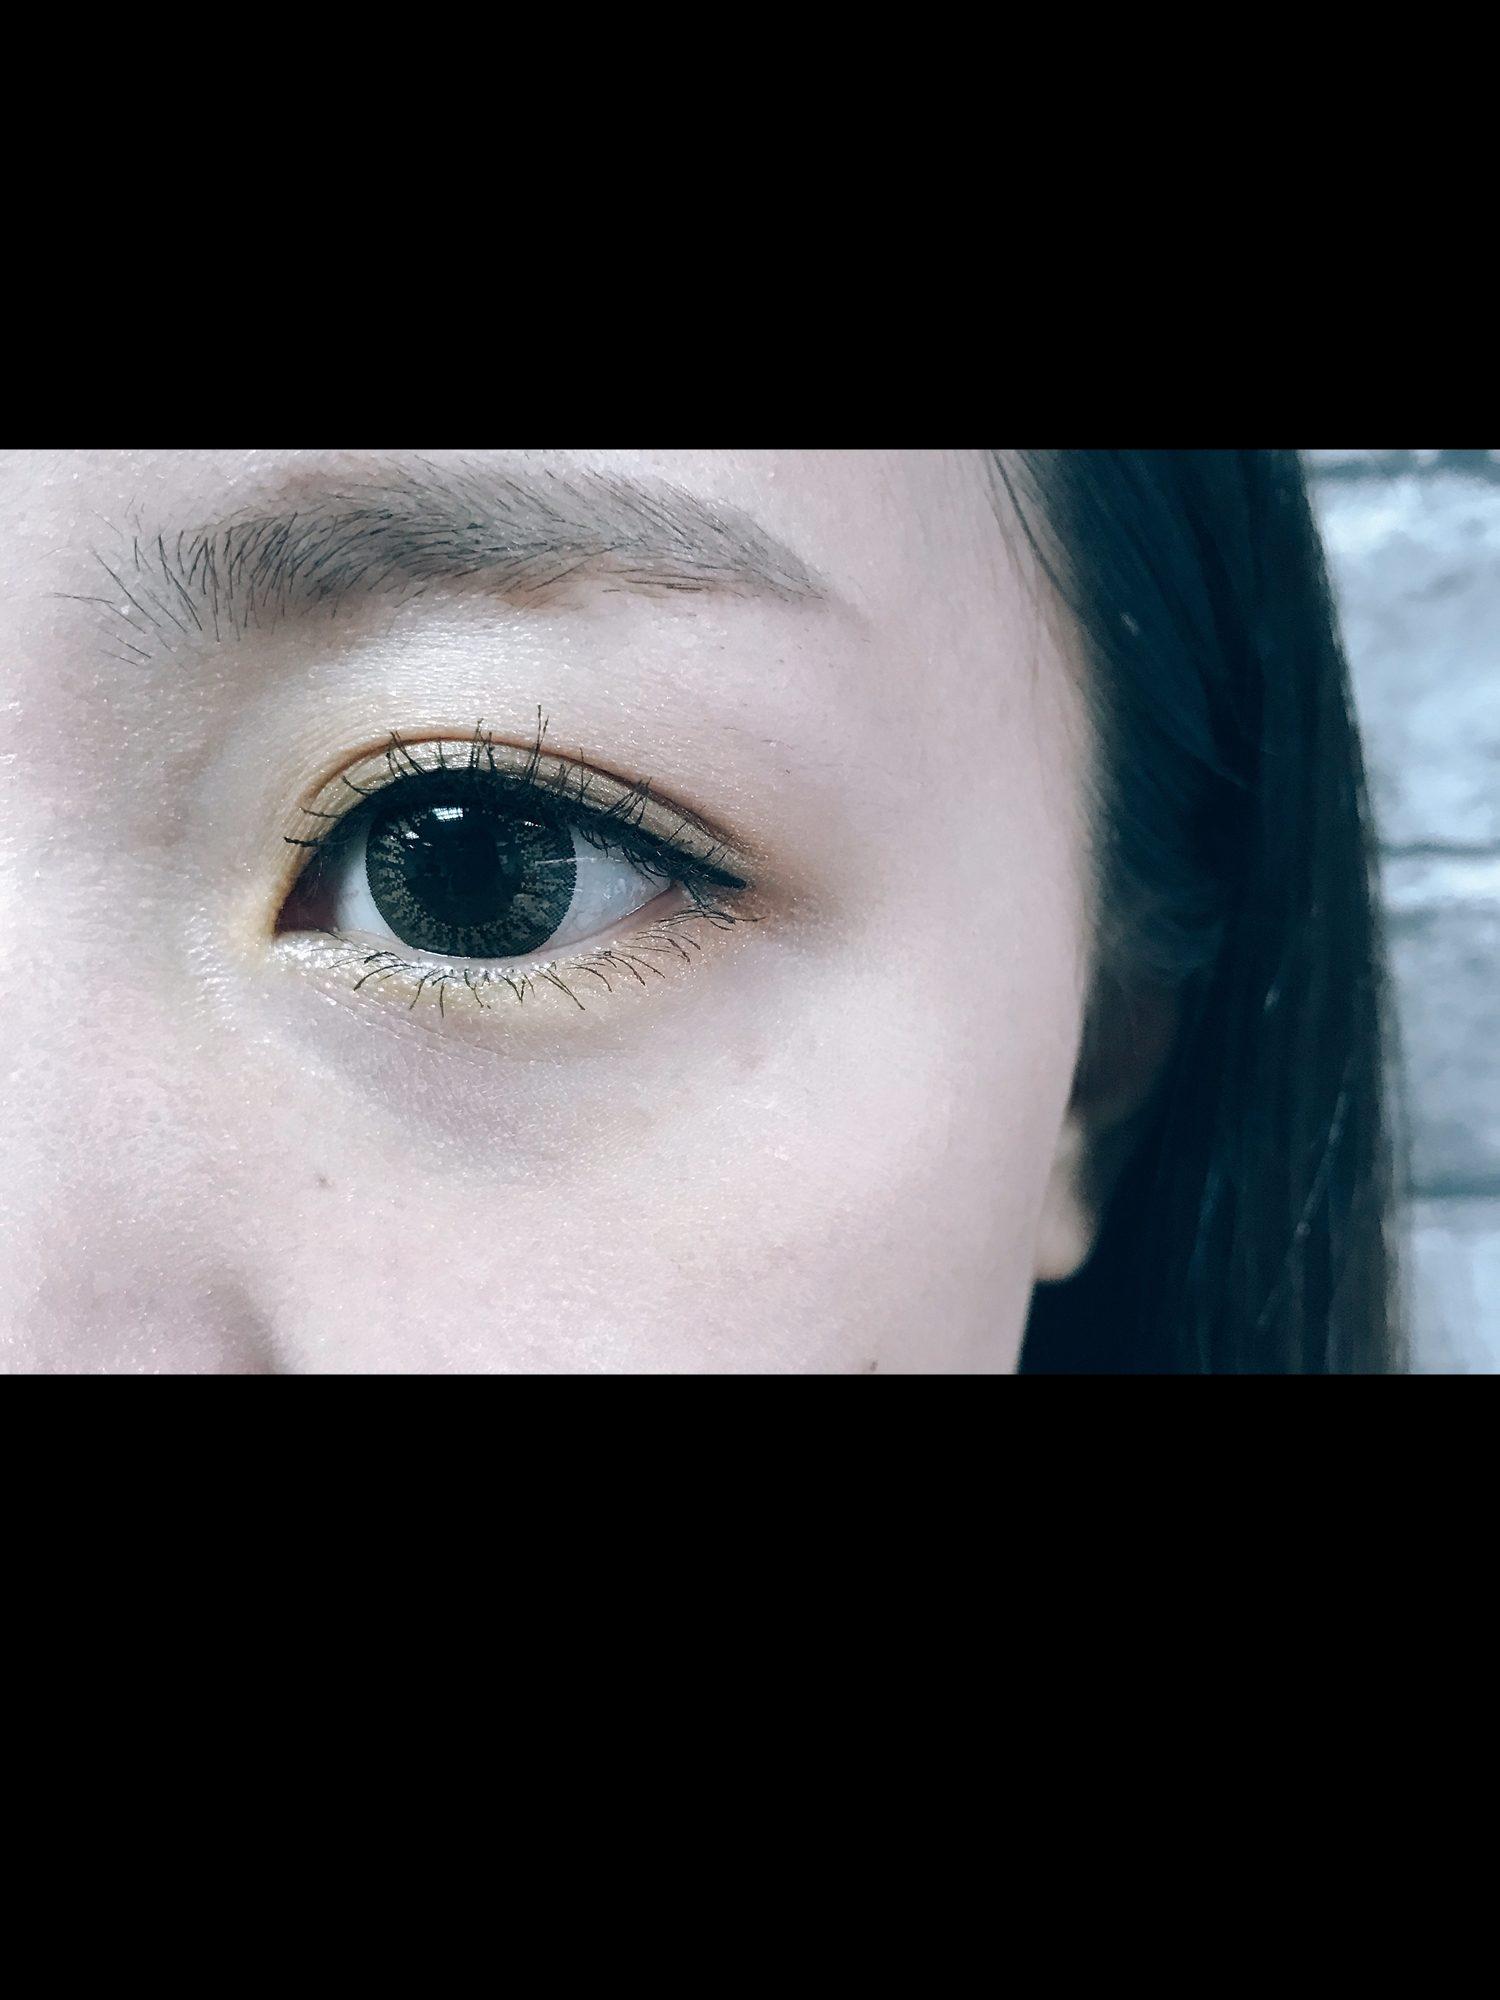 之後補上眼線和睫毛膏眼妝就完成了,可以突顯出眼睛重點的配色,而且越看越有魅力呢!